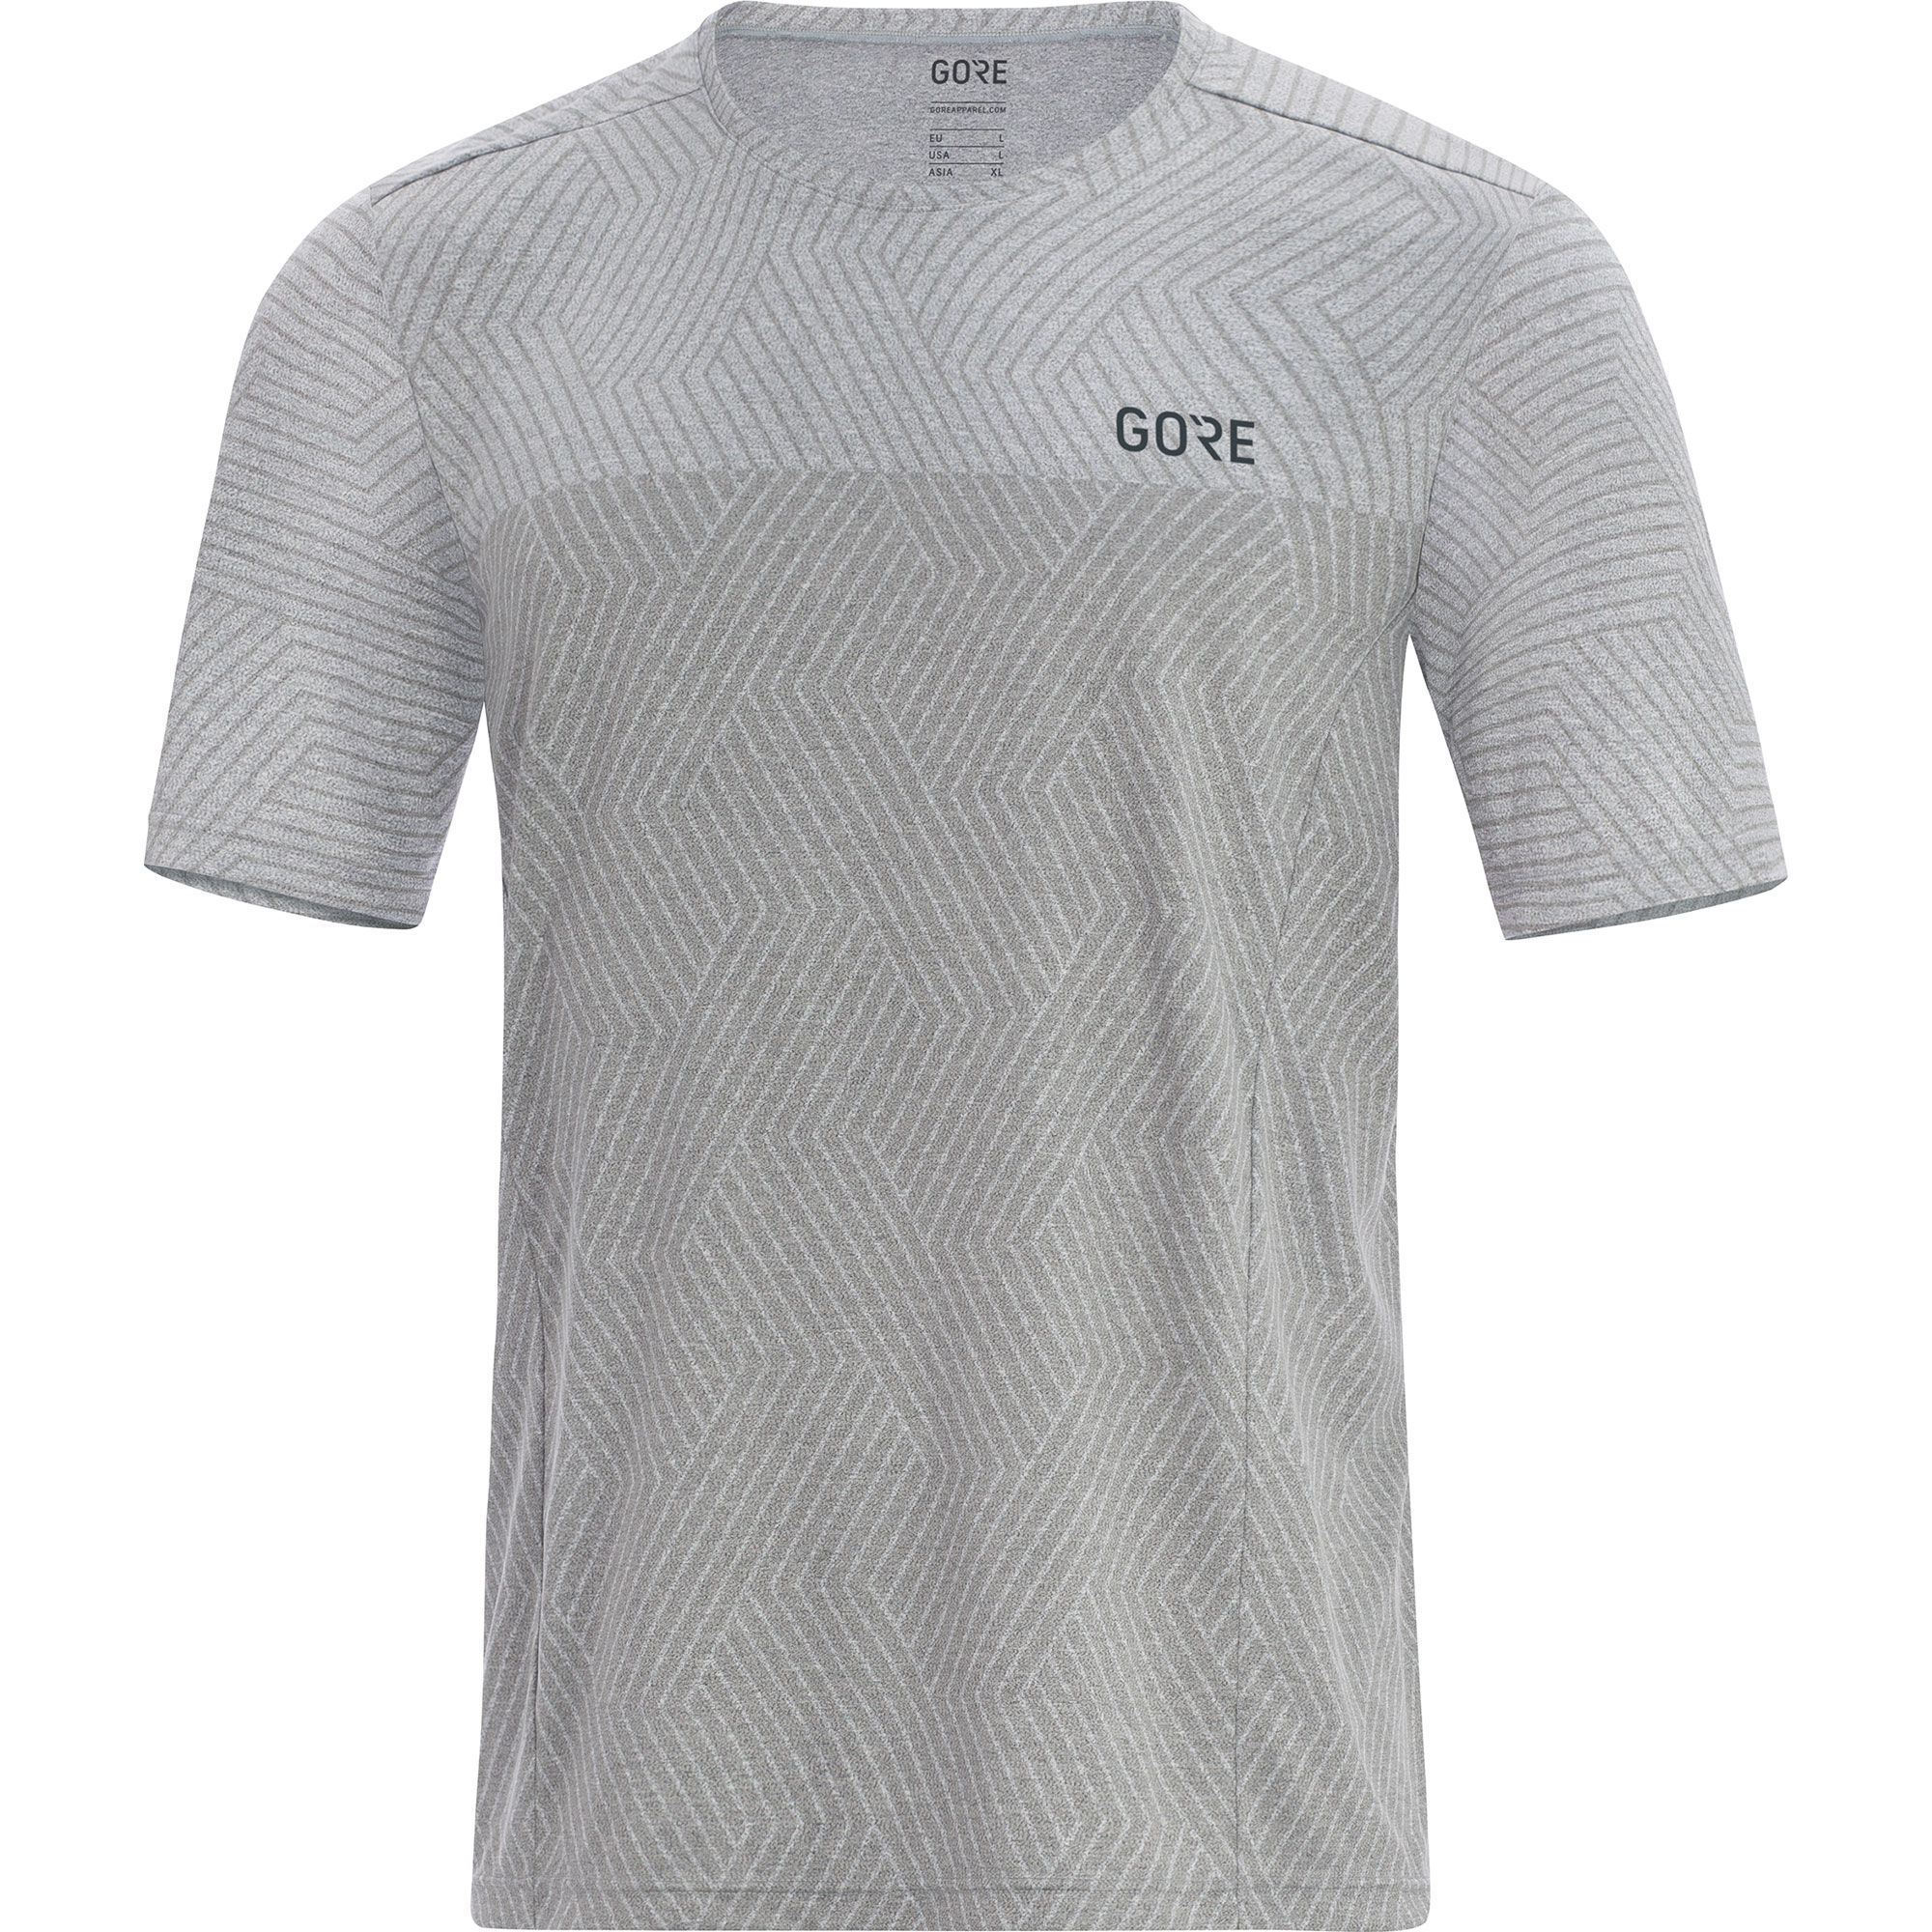 Gore R3 Optiline Shirt in Grau